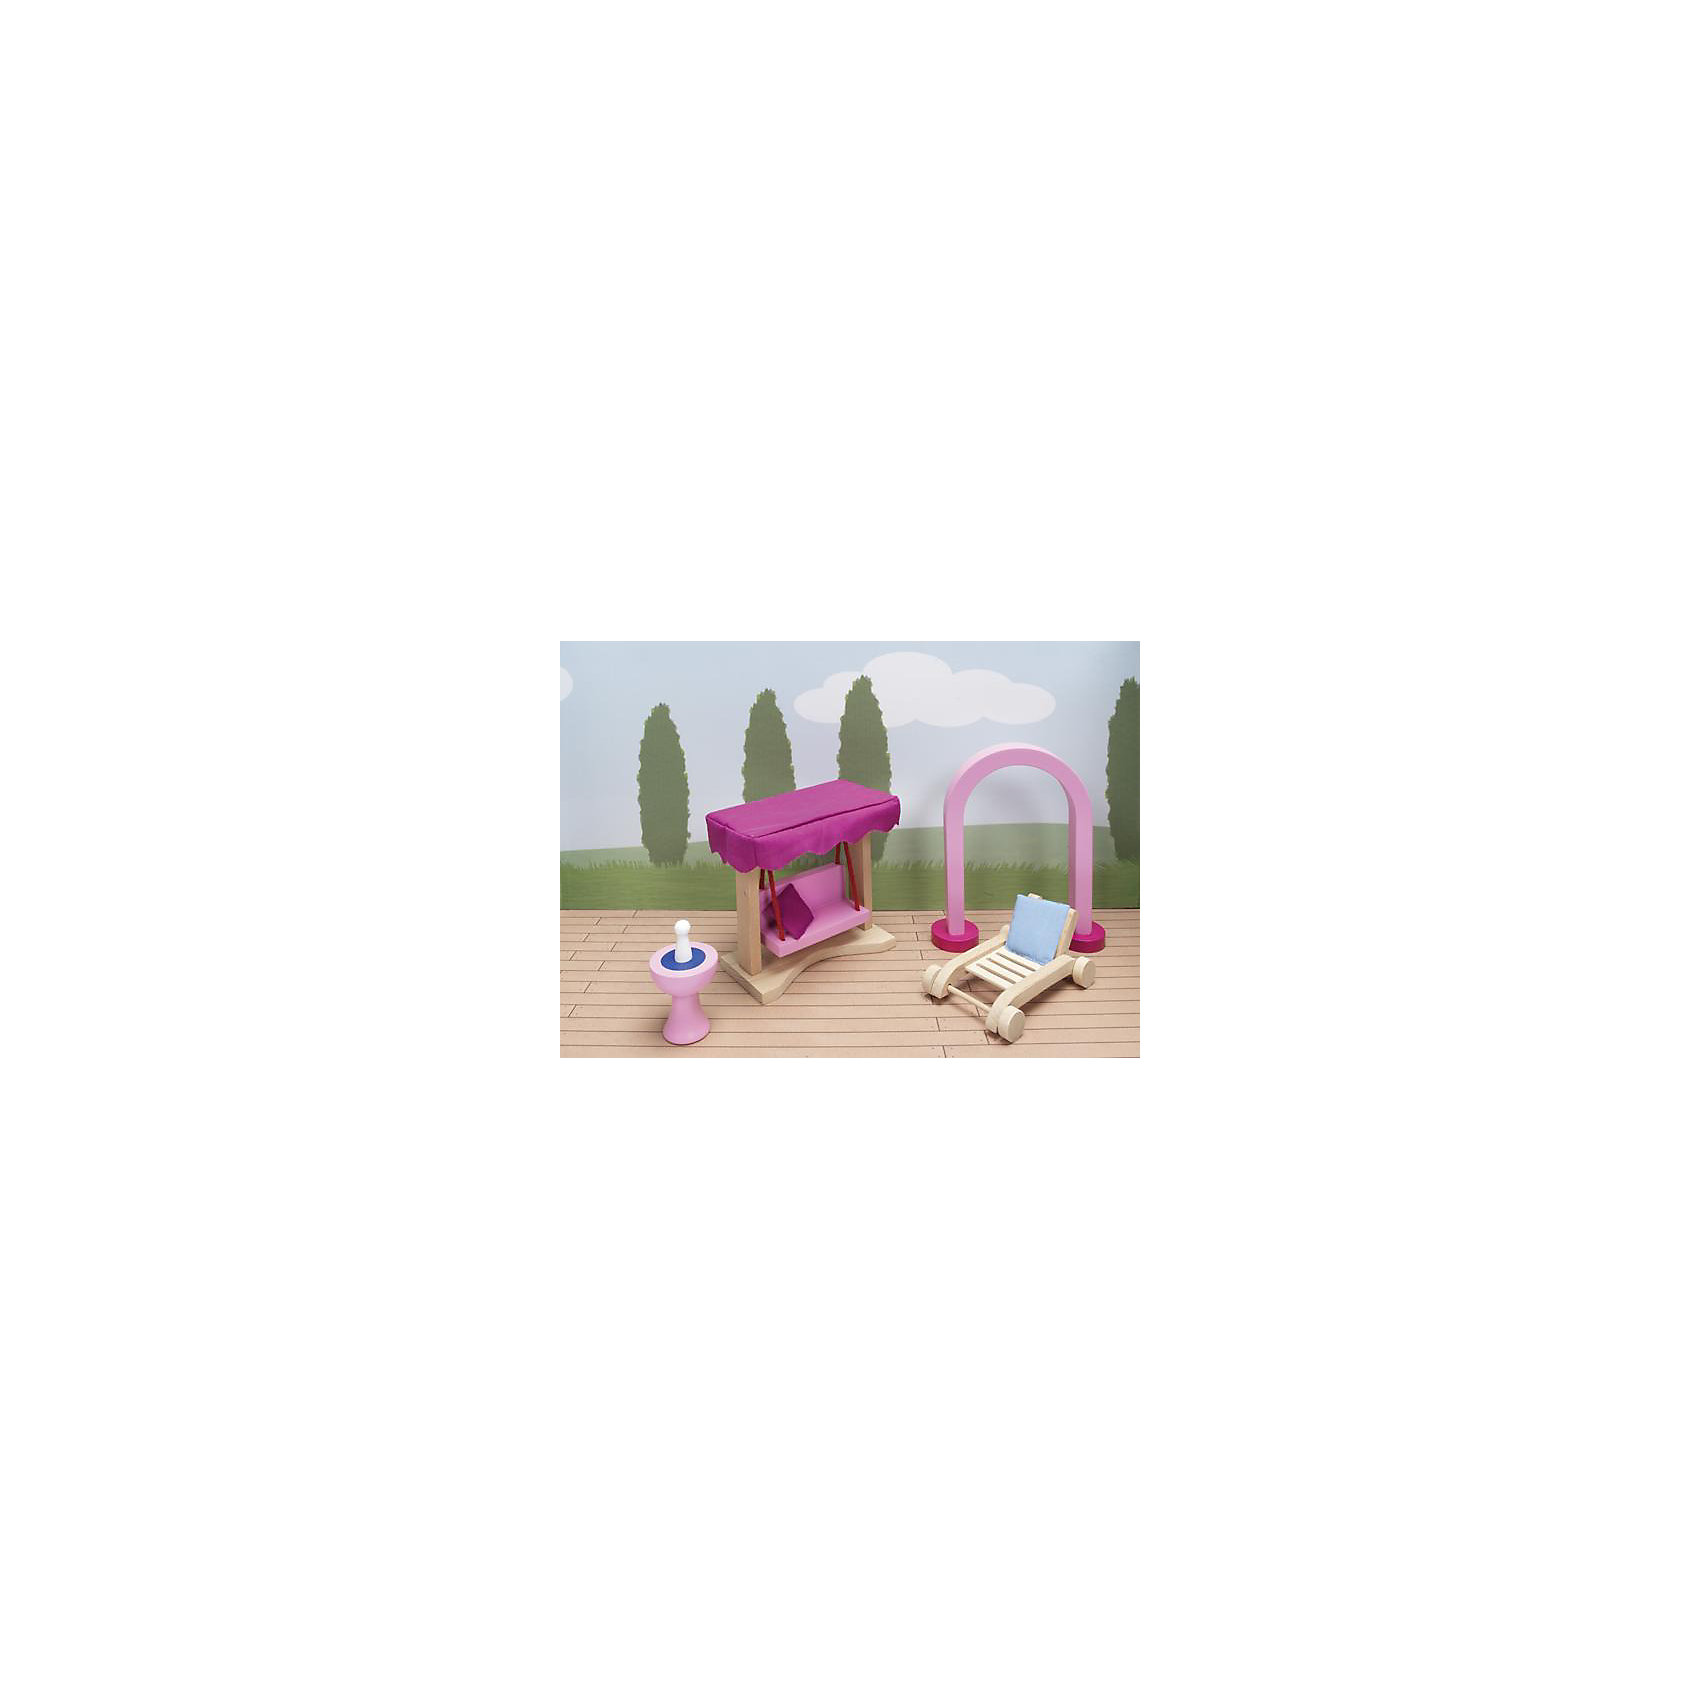 Мебель кукольная садовая (дворец), gokiХарактеристики товара:<br><br>- цвет: разноцветный;<br>- материал: дерево;<br>- возраст: от трех лет;<br>- комплектация: 66 предметов.<br><br>Этот симпатичный набор из множества предметов, необходимых в кукольном саду, приводит детей в восторг! Какая девочка сможет отказаться поиграть с куклами, которые имеют садовую мебель, так похожую на настоящую?! В набор входят самые необходимые для обустройства зоны отдыха у дома вещи. Игрушки очень качественно выполнены, поэтому набор станет замечательным подарком ребенку. <br>Продается набор в красивой удобной упаковке. Игры с куклами помогают девочкам развить важные навыки и отработать модели социального взаимодействия. Изделие произведено из высококачественного материала, безопасного для детей.<br><br>Мебель кукольную садовую (дворец) от германского бренда GOKI можно купить в нашем интернет-магазине.<br><br>Ширина мм: 123<br>Глубина мм: 123<br>Высота мм: 123<br>Вес г: 450<br>Возраст от месяцев: 36<br>Возраст до месяцев: 144<br>Пол: Женский<br>Возраст: Детский<br>SKU: 5155320